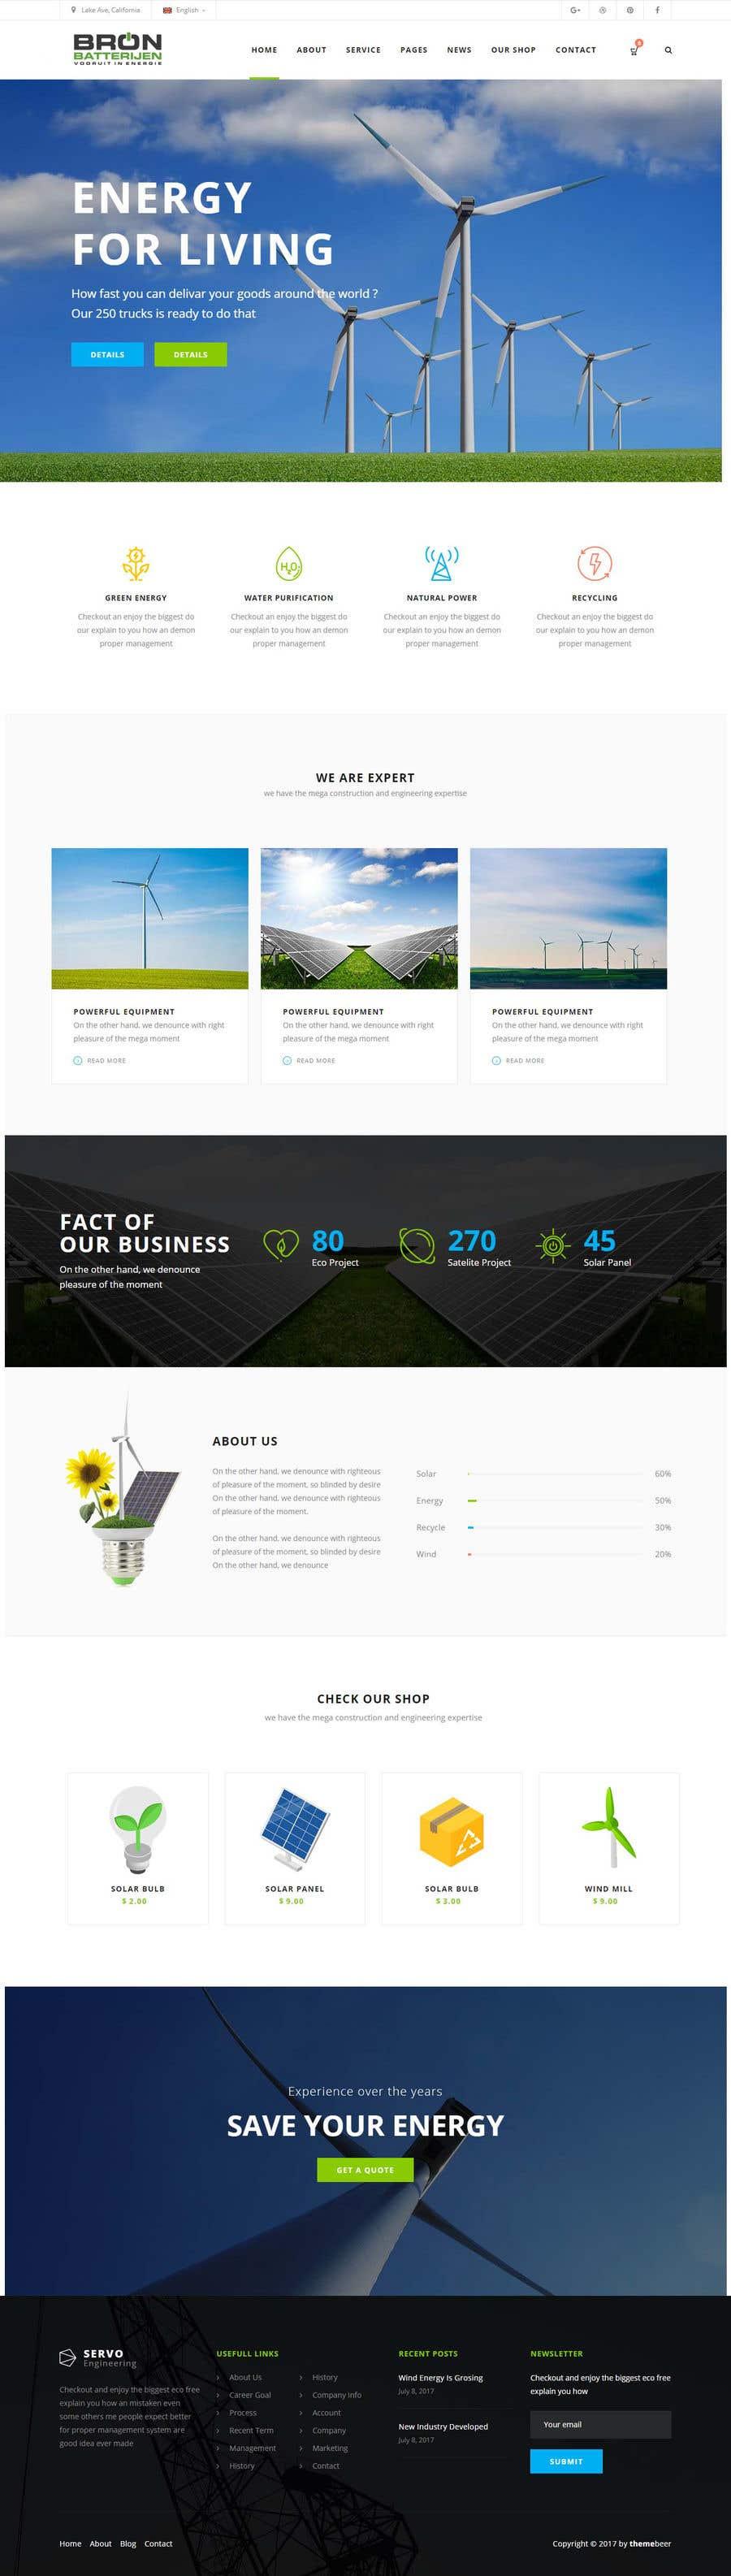 Penyertaan Peraduan #48 untuk wordpress theme design for battery and lighting subject